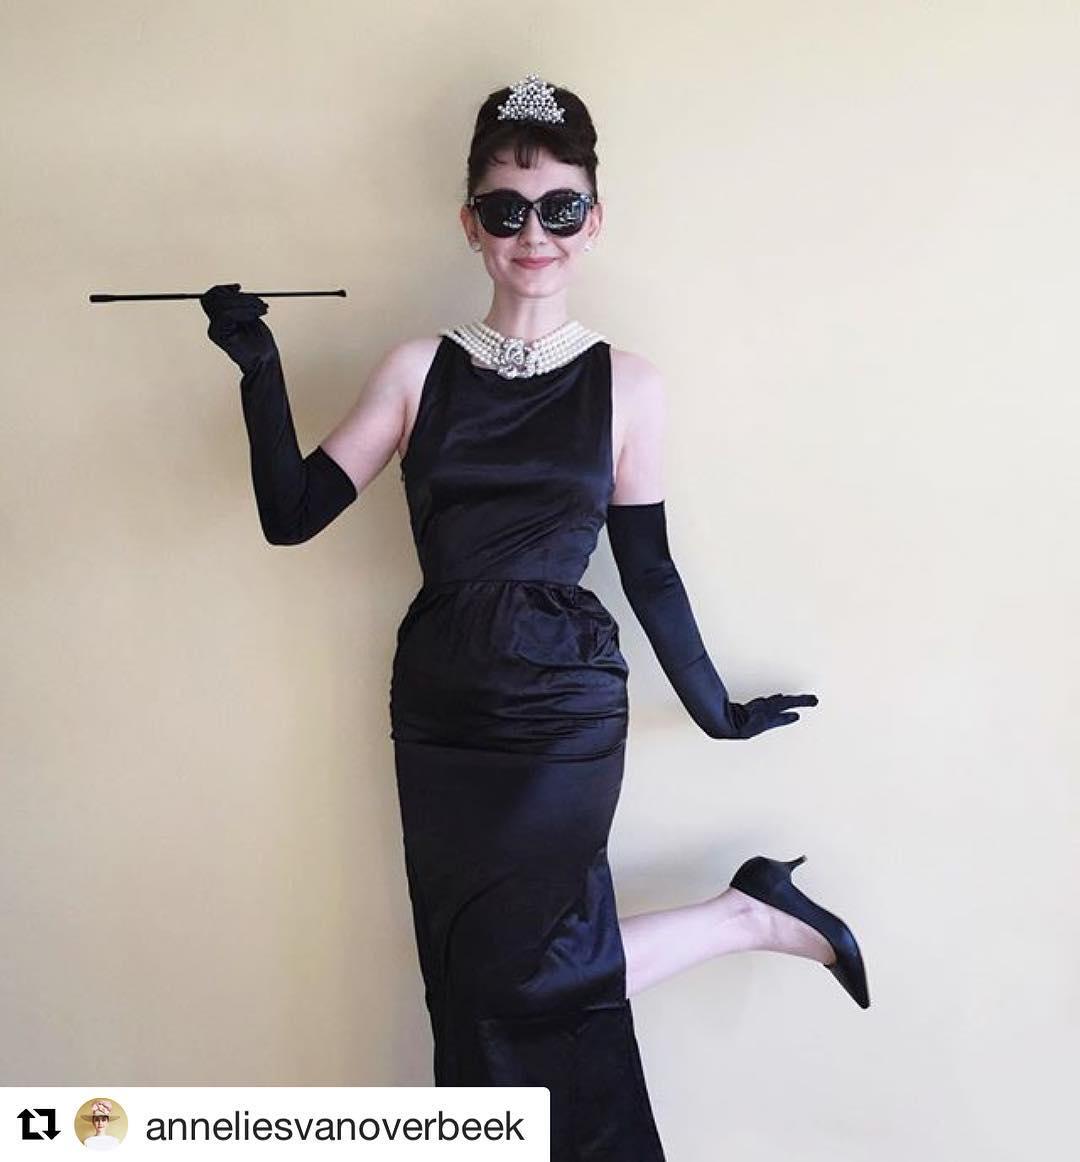 Эта 18-летняя девушка так копирует Одни Хепберн, что невозможно отвести глаз